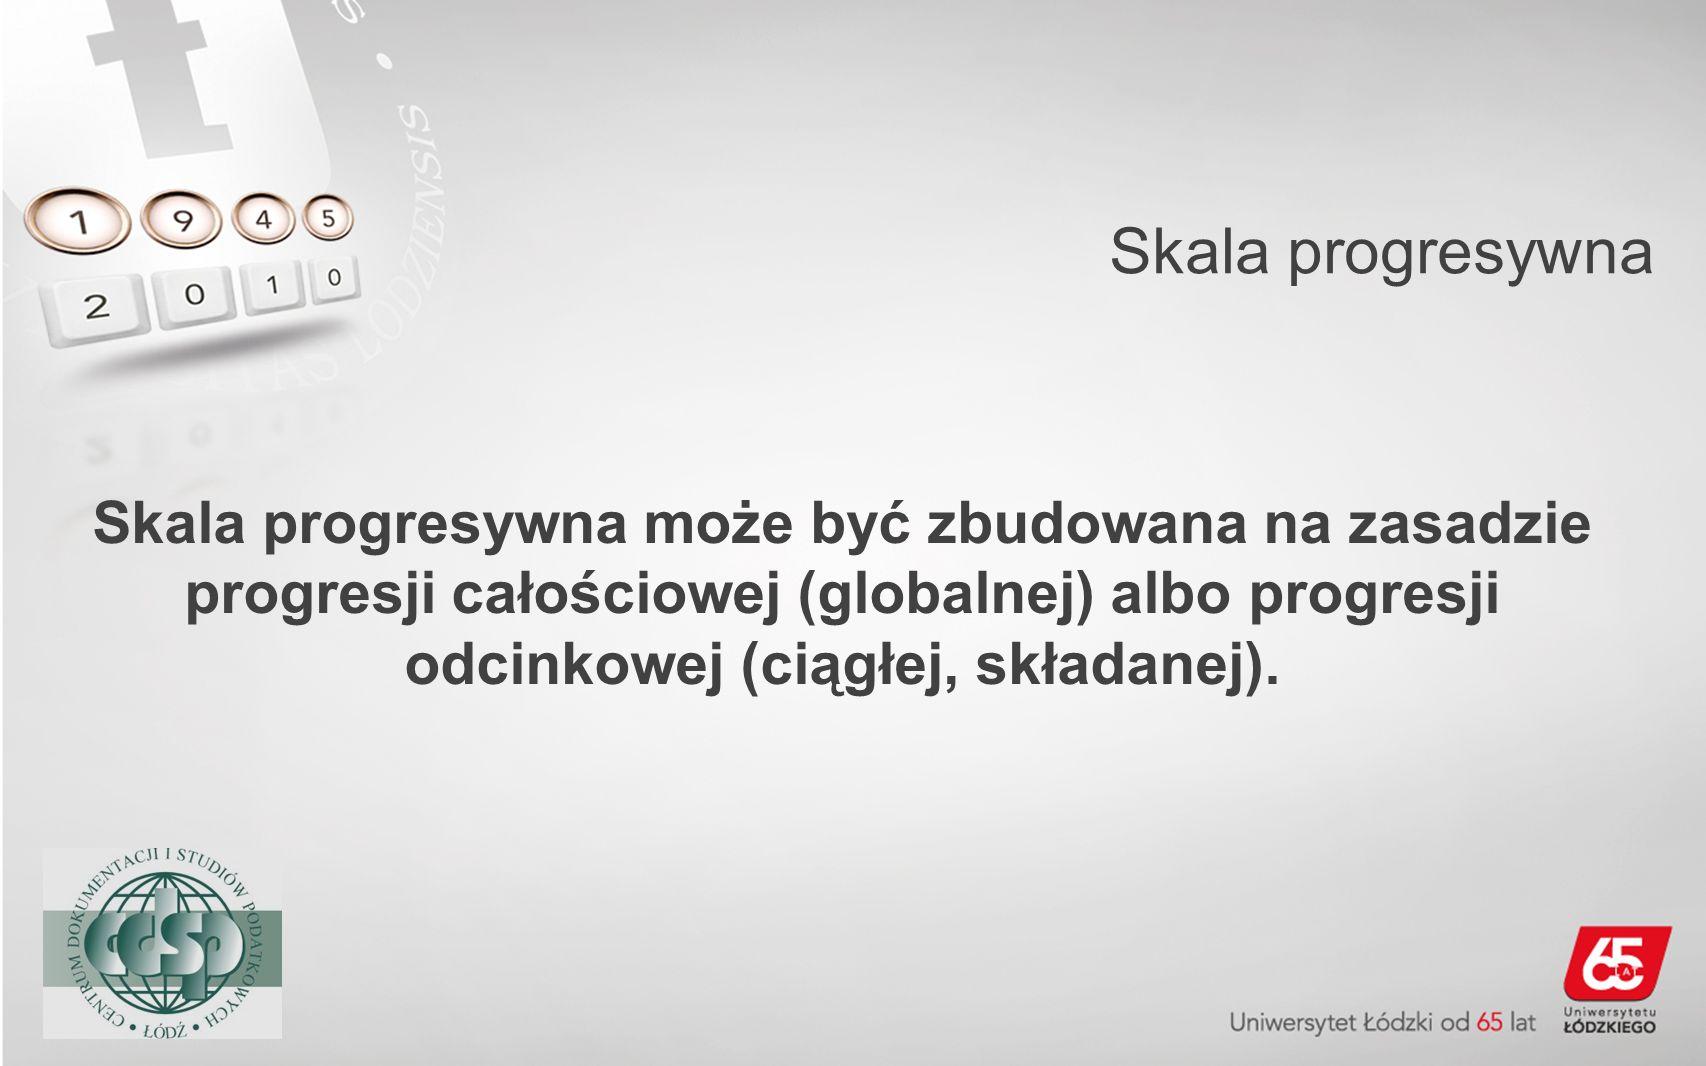 Skala progresywnaSkala progresywna może być zbudowana na zasadzie progresji całościowej (globalnej) albo progresji odcinkowej (ciągłej, składanej).